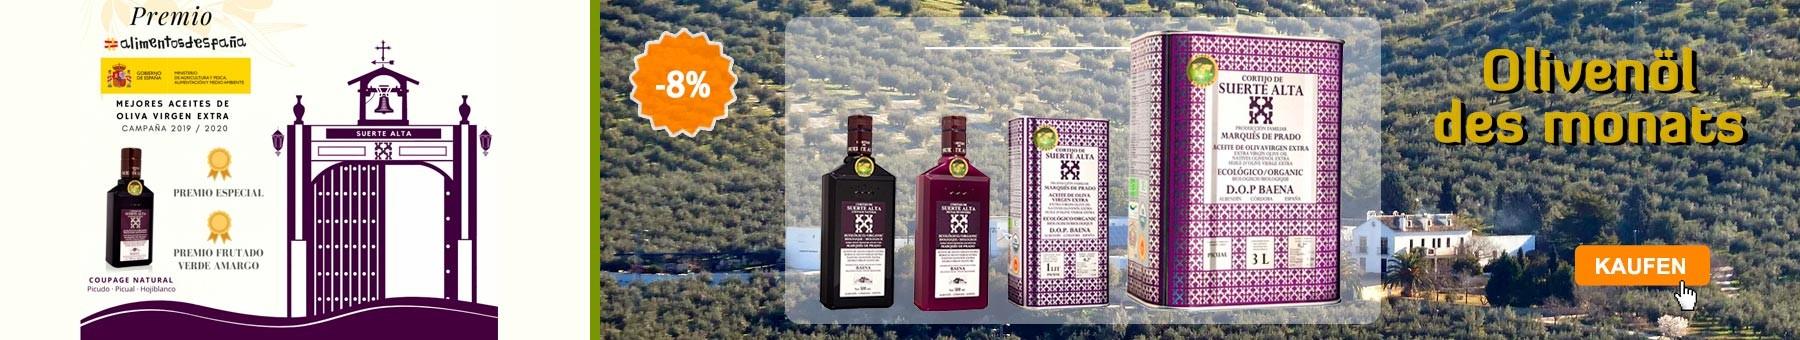 Olivenöl des monats